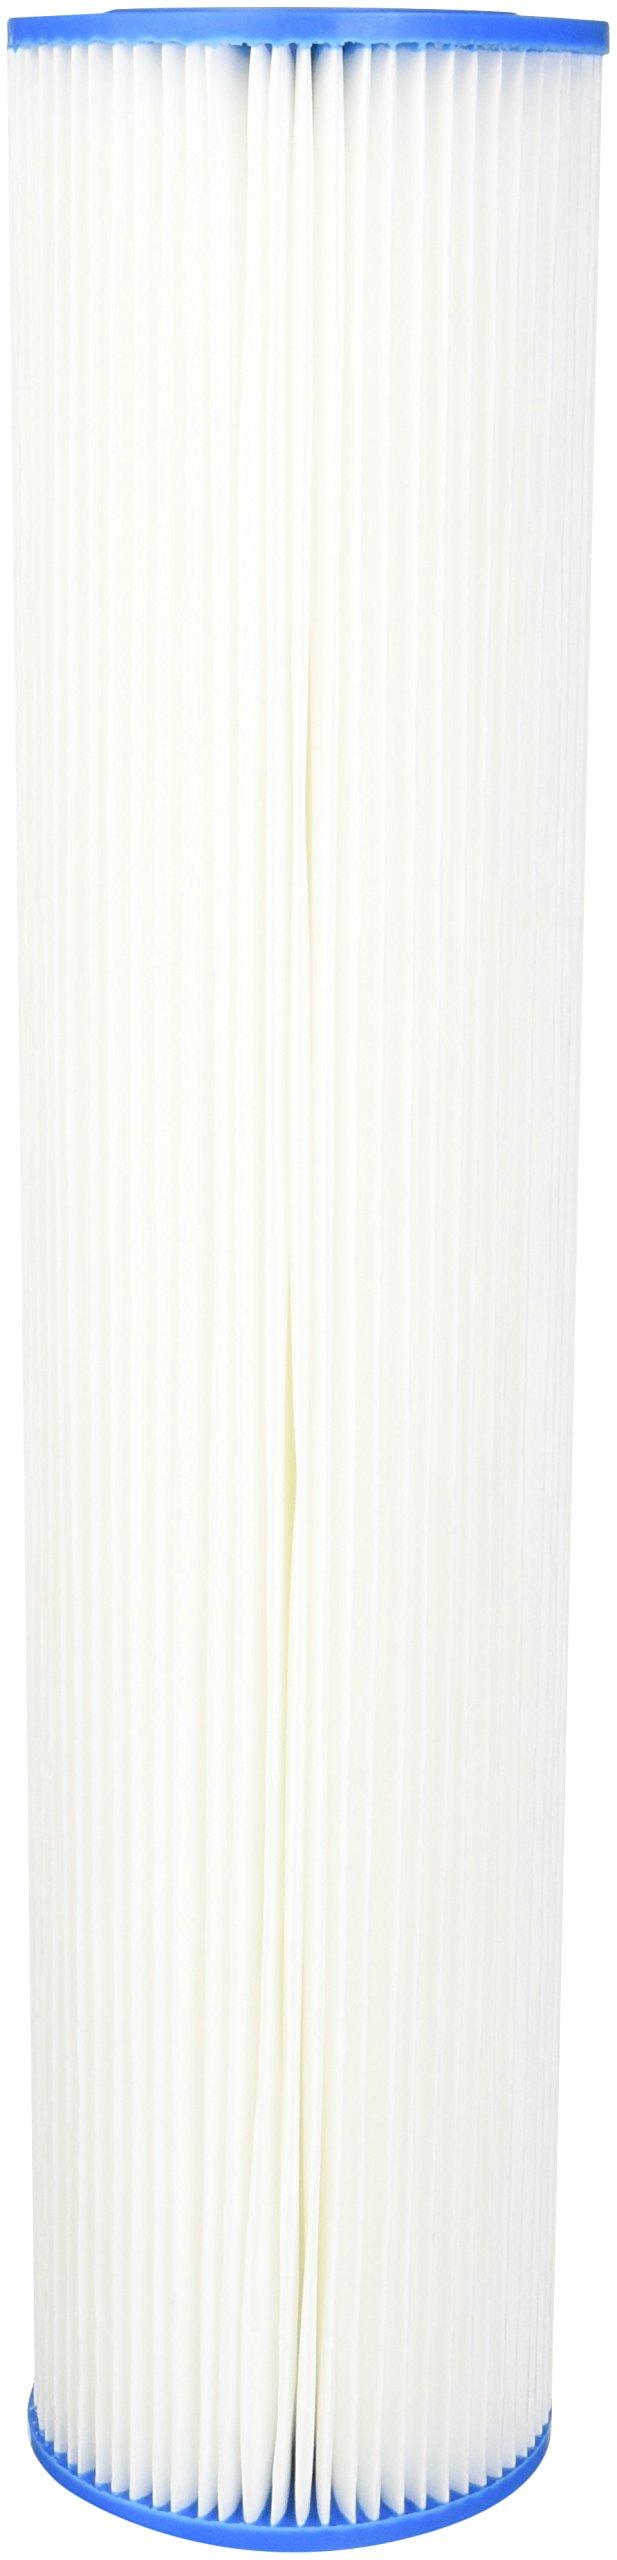 Hydro-Logic HLBBPSF 22010 Sediment Filter, 4.5-Inch x 20-Inch by HydroLogic